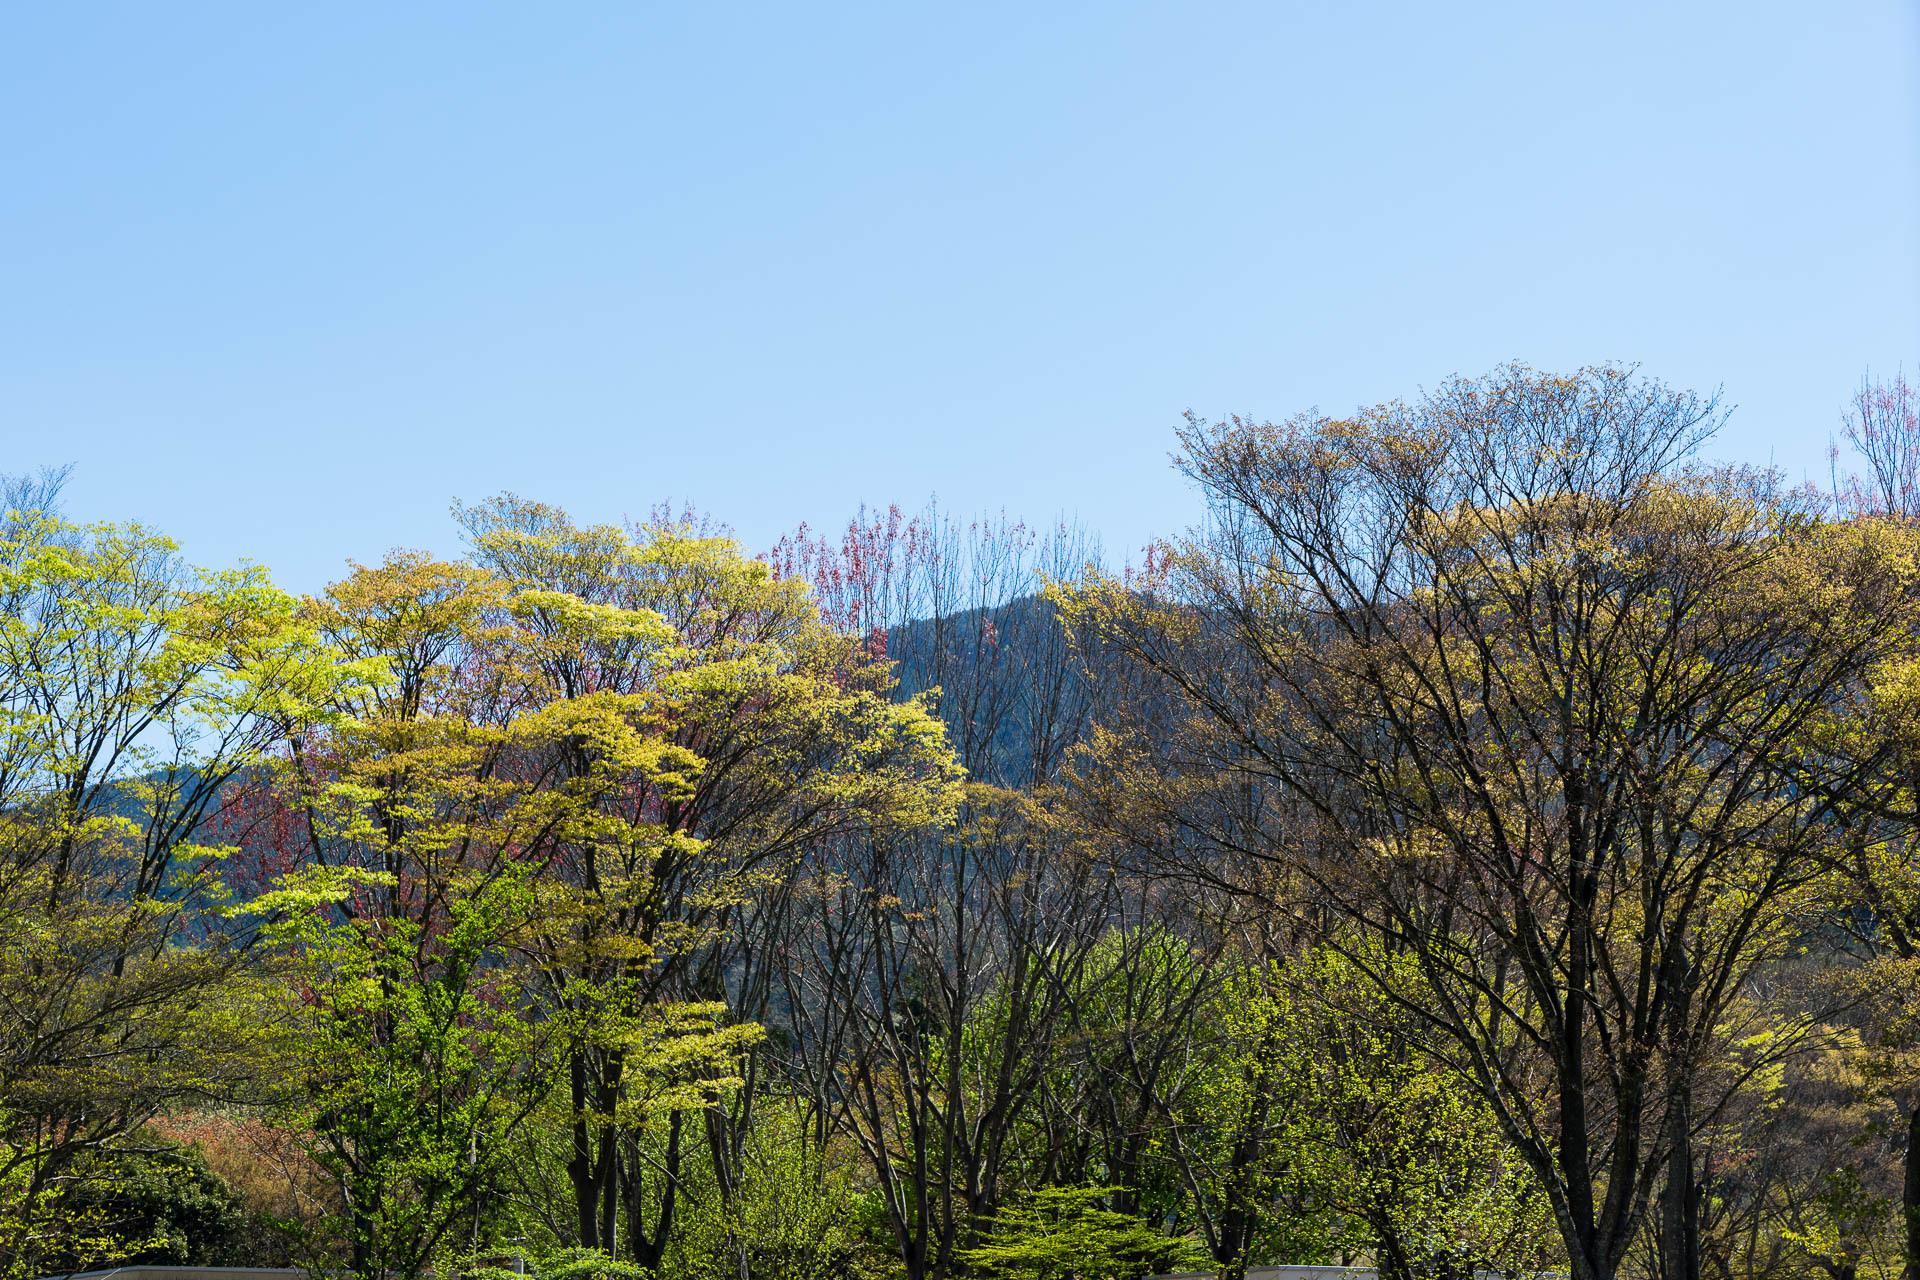 2017芽吹く木々